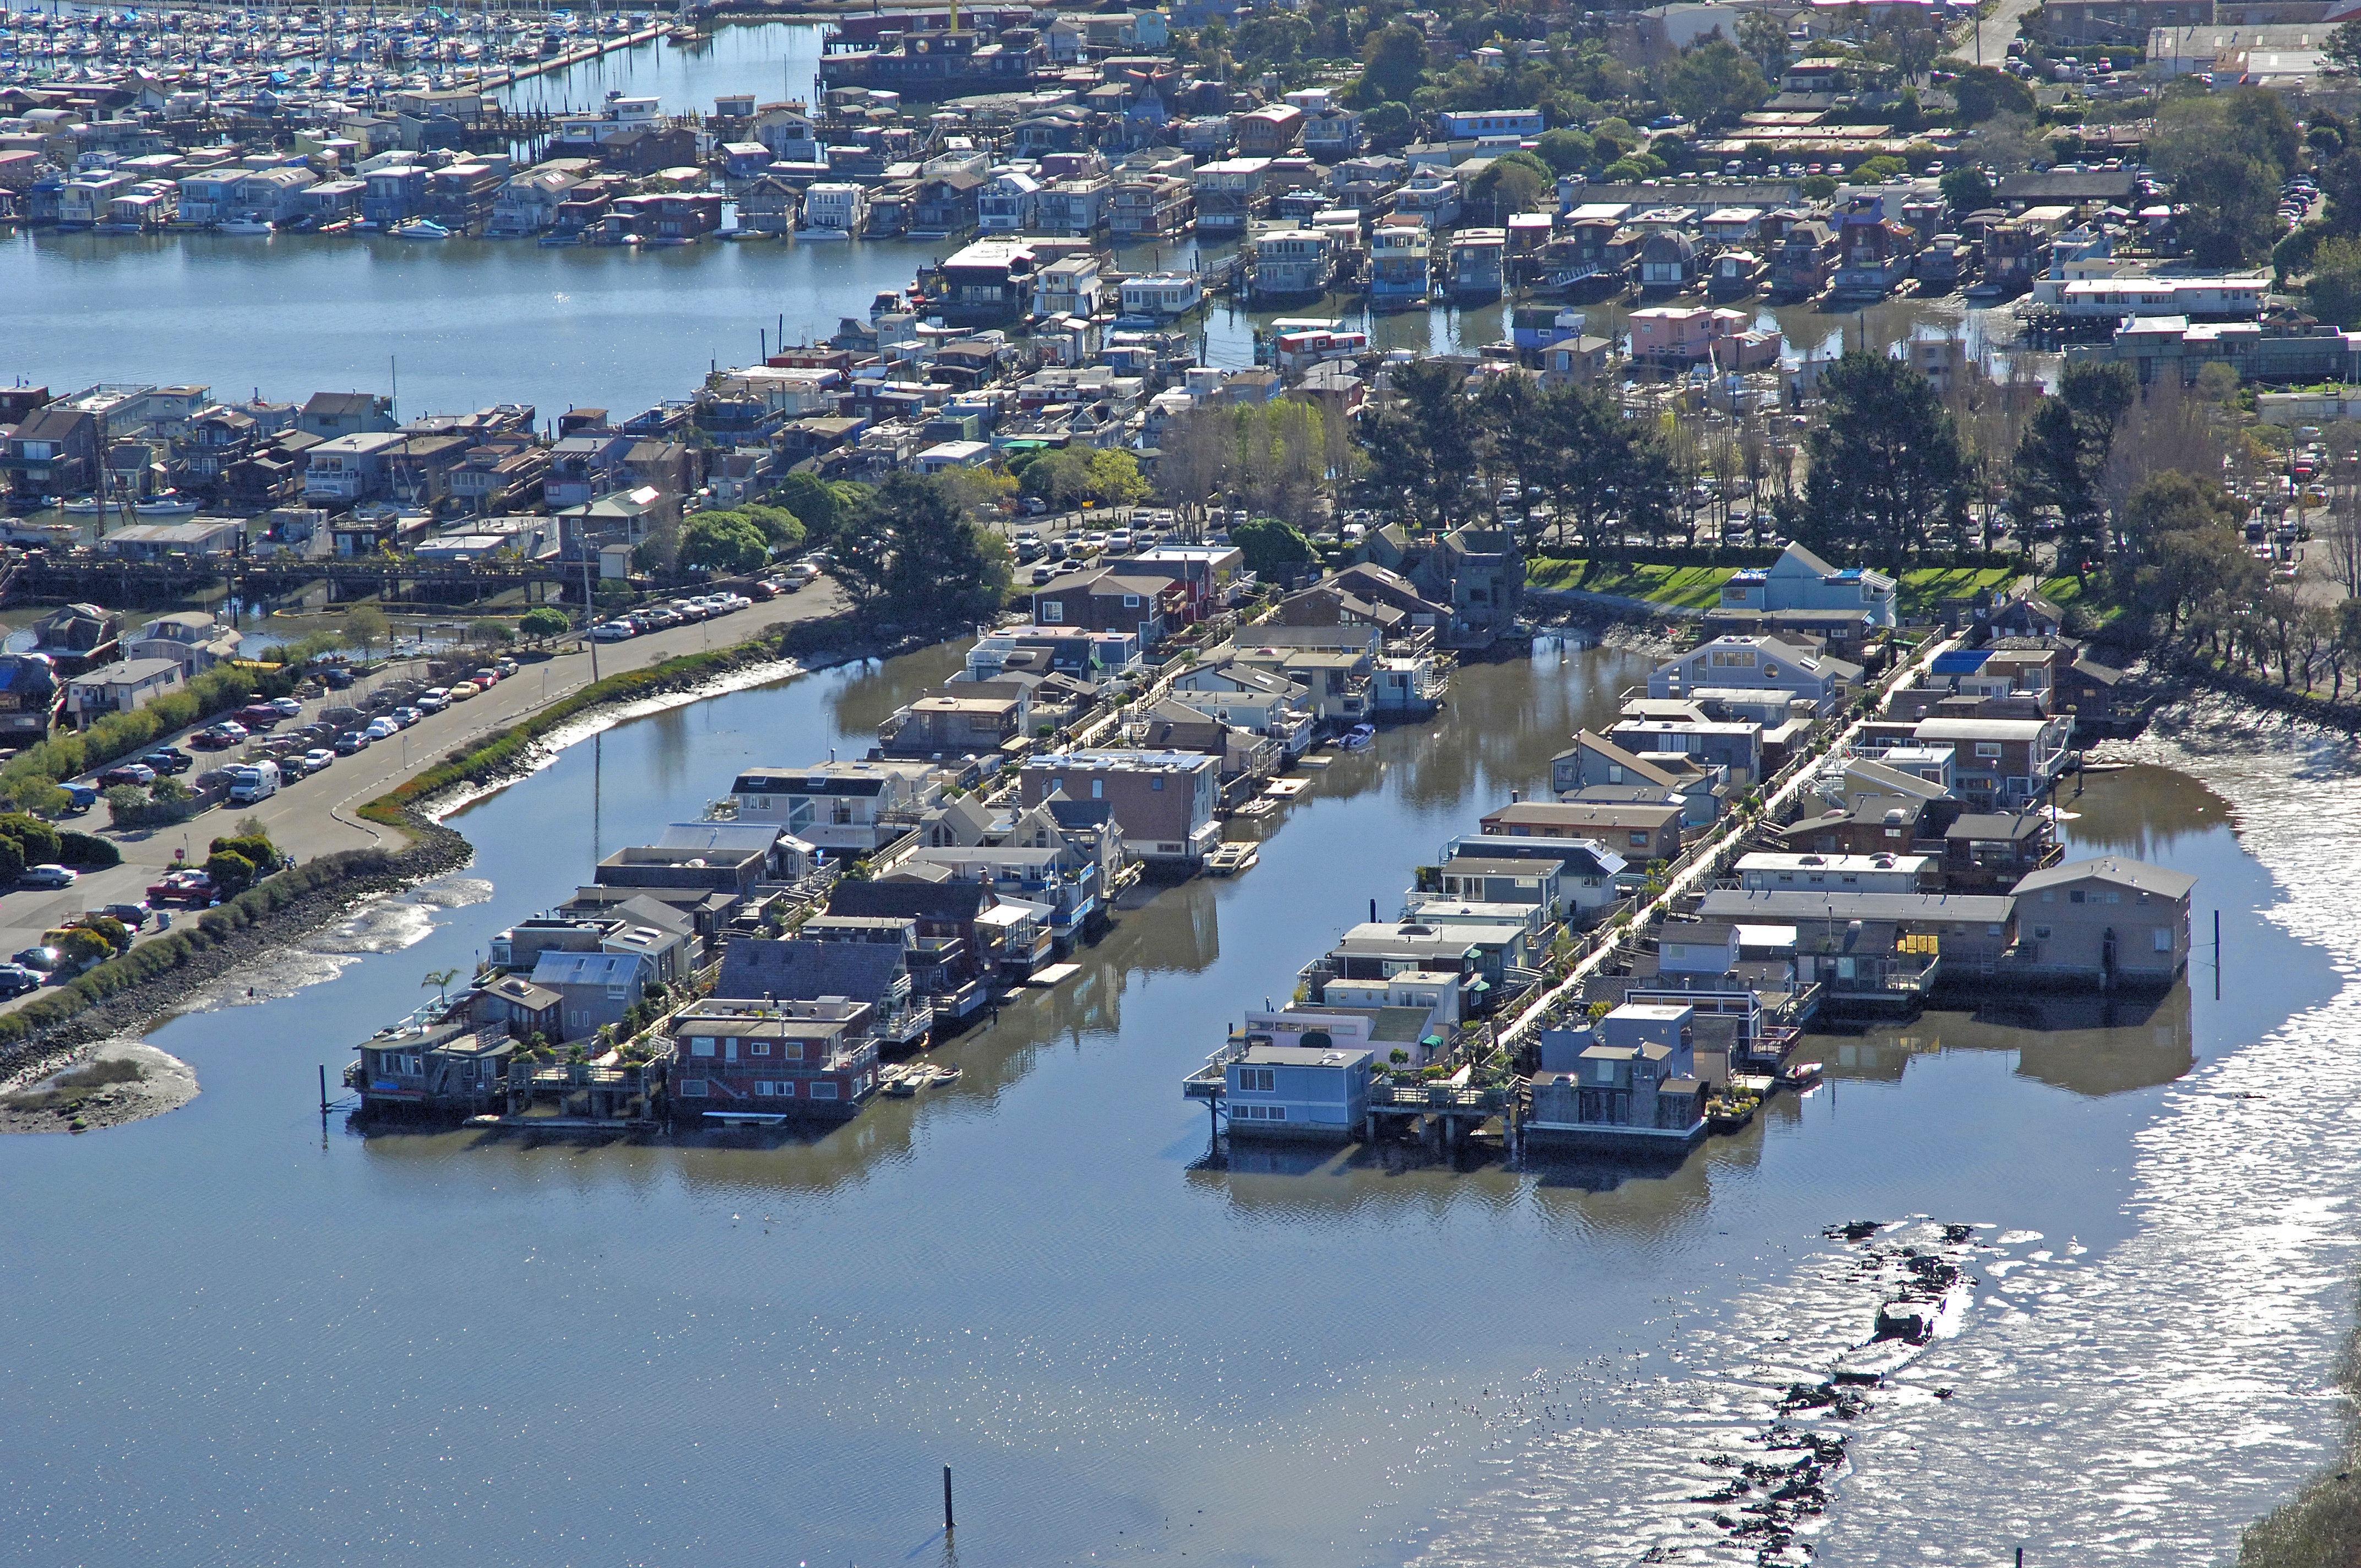 Kappas Marina in Sausalito, CA, United States - Marina